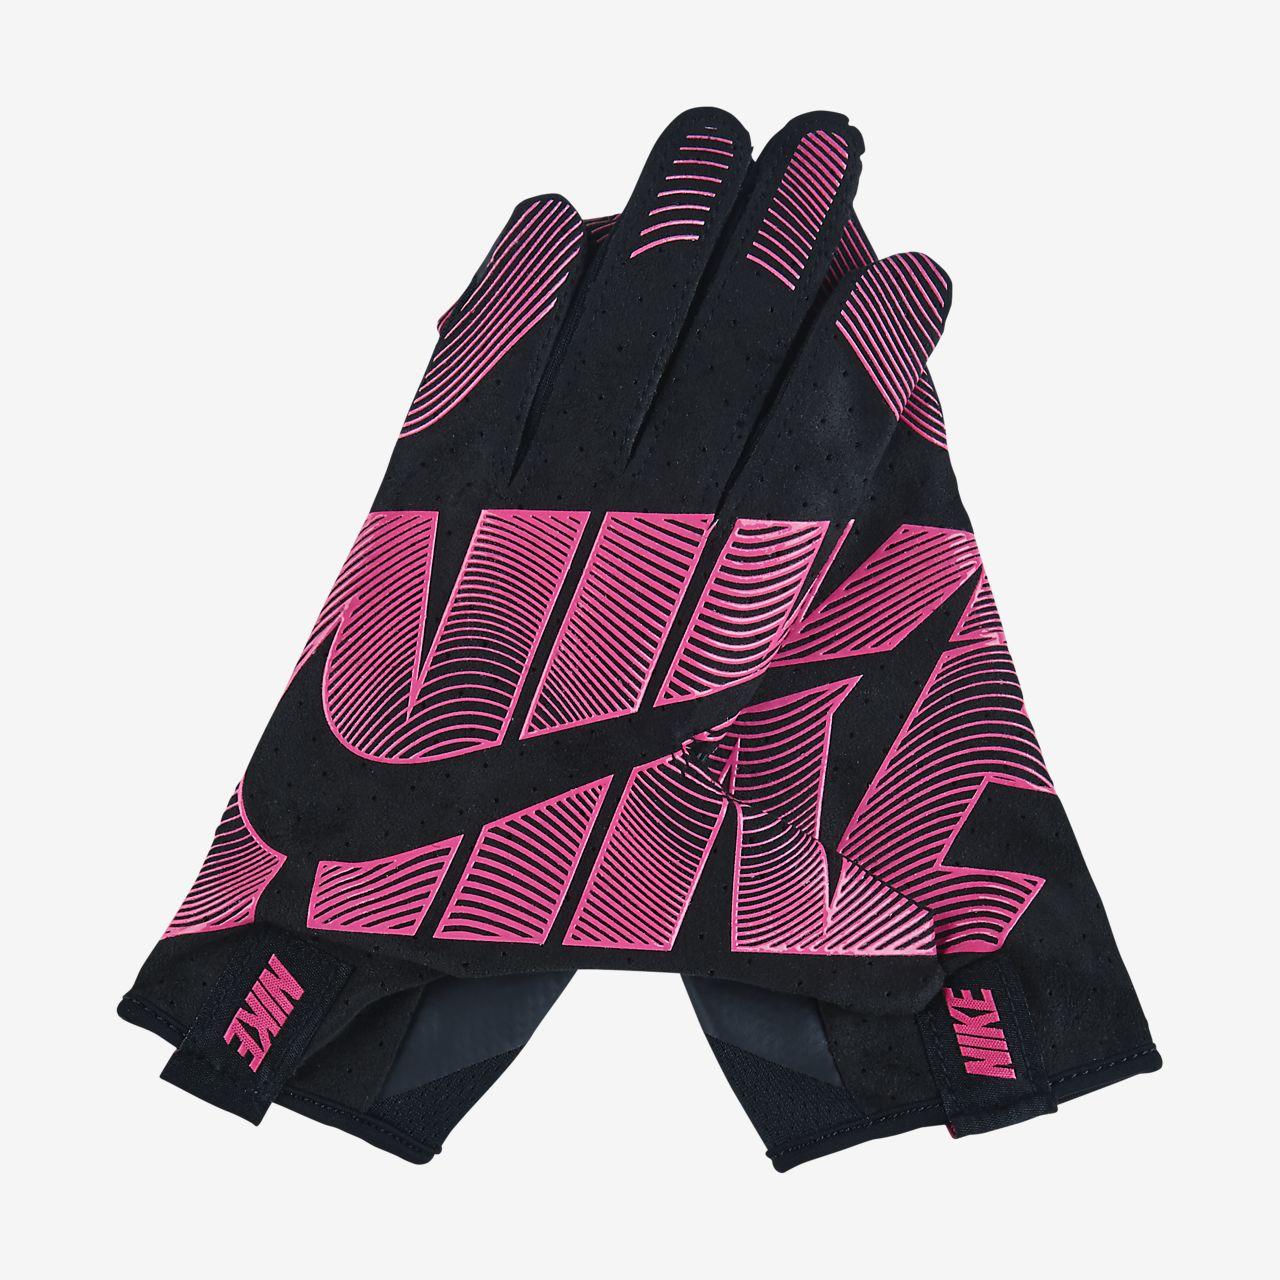 Träningshandskar Nike Lunatic för kvinnor